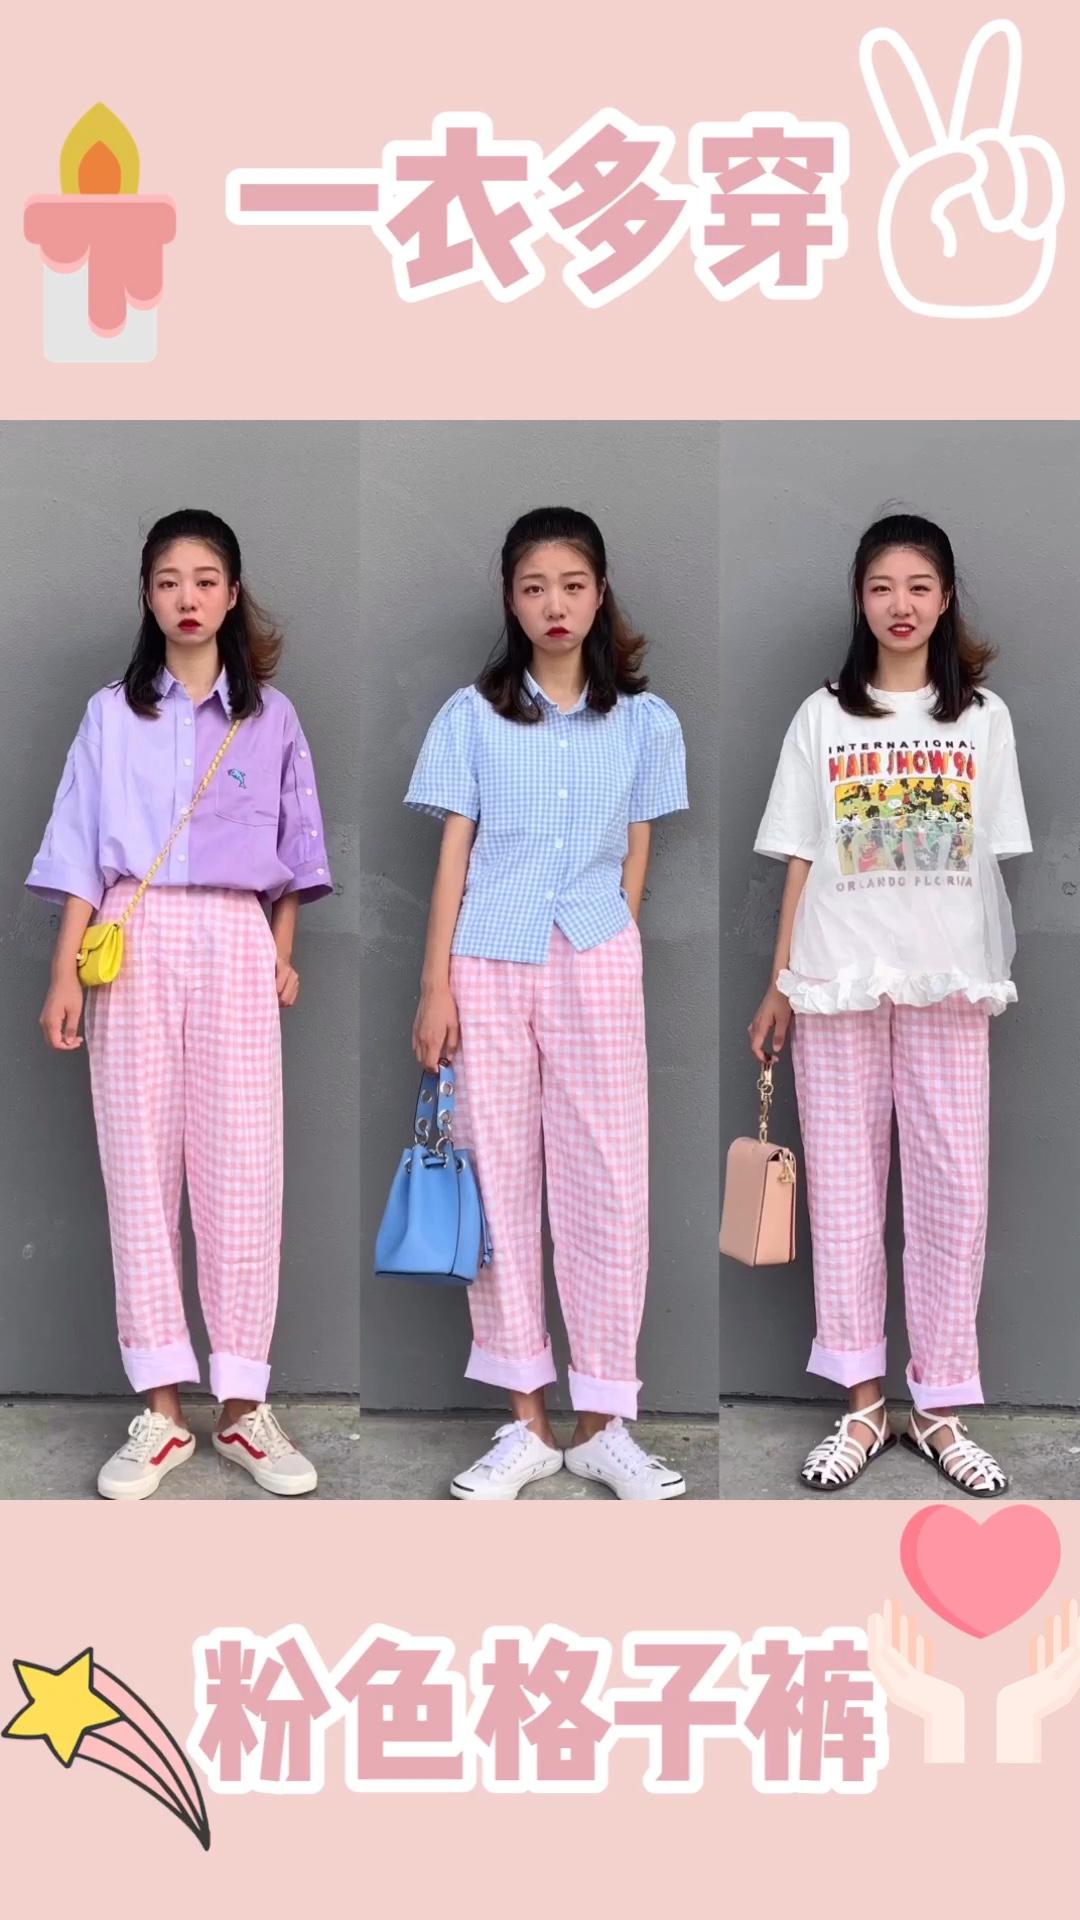 #巨巨巨显腿长神仙裤安利# 风格百变的学生党穿搭✨ 一衣多穿 粉色格子裤 粉粉嫩嫩的夏日当然少不了粉色的裤子 甜美的格子裤超级清新好看 搭配蓝色的短袖衬衫或者白色的的蓬蓬上衣以及紫色的衬衫都非常好看 百搭必备 甜美女孩^_^ 希望学生党妹子们美美哒 我们一起学穿搭呀❤️